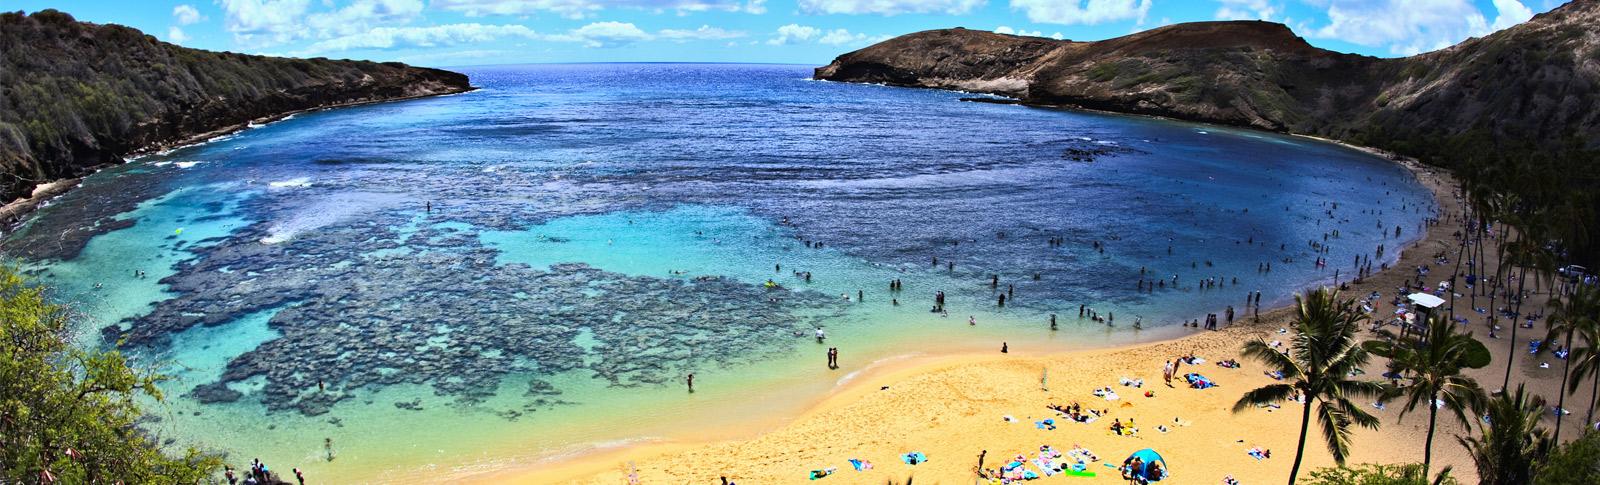 Hawaii Snorkeling Tour Oahu